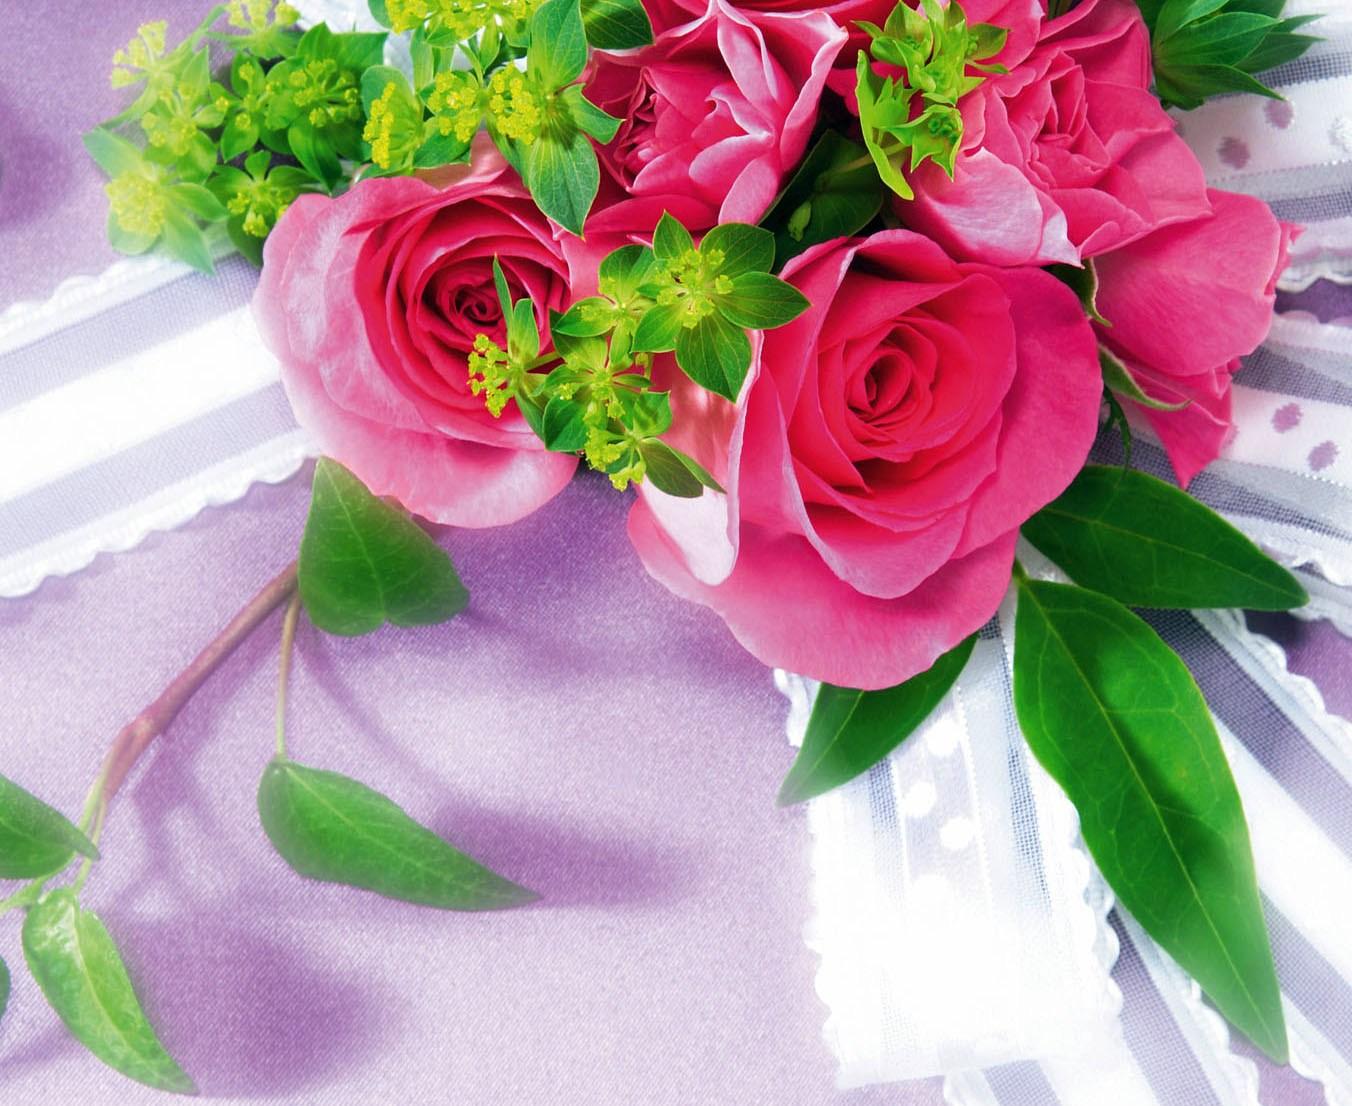 Картинки цветов для поздравления с днем рождения